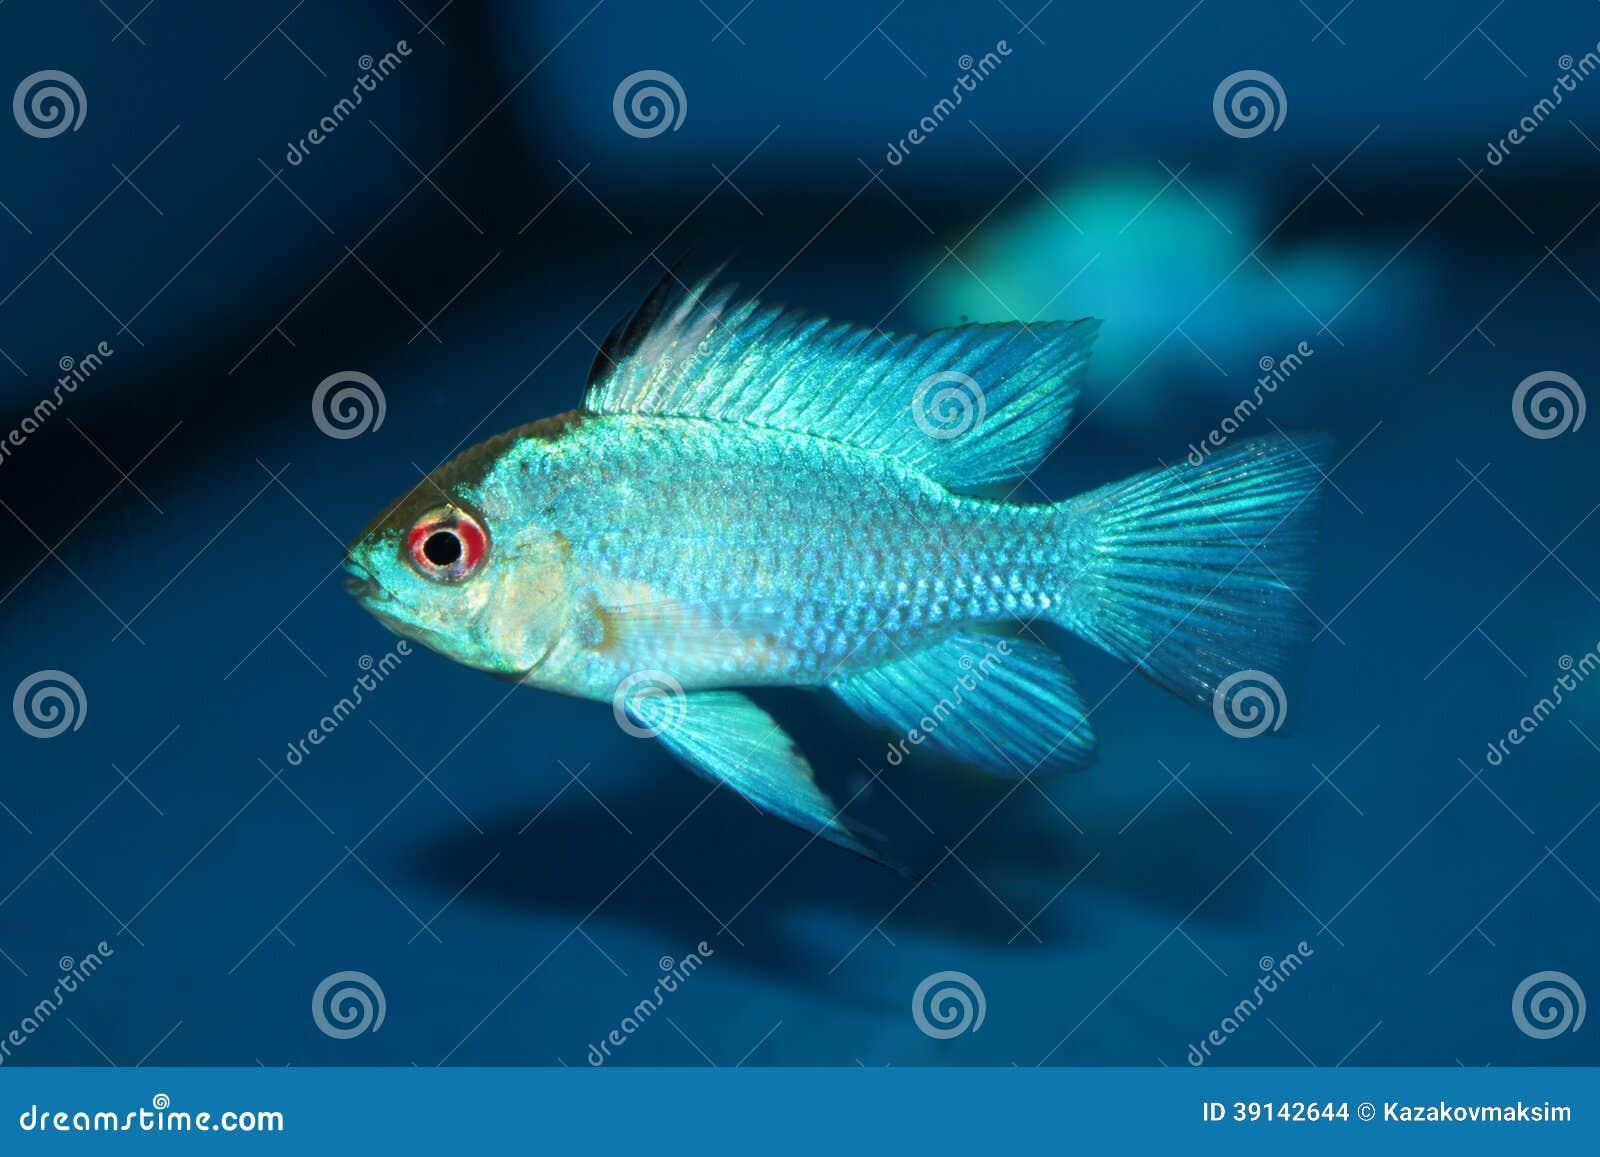 Electric Blue Ram Aquarium Fish Stock Photo Image 39142644